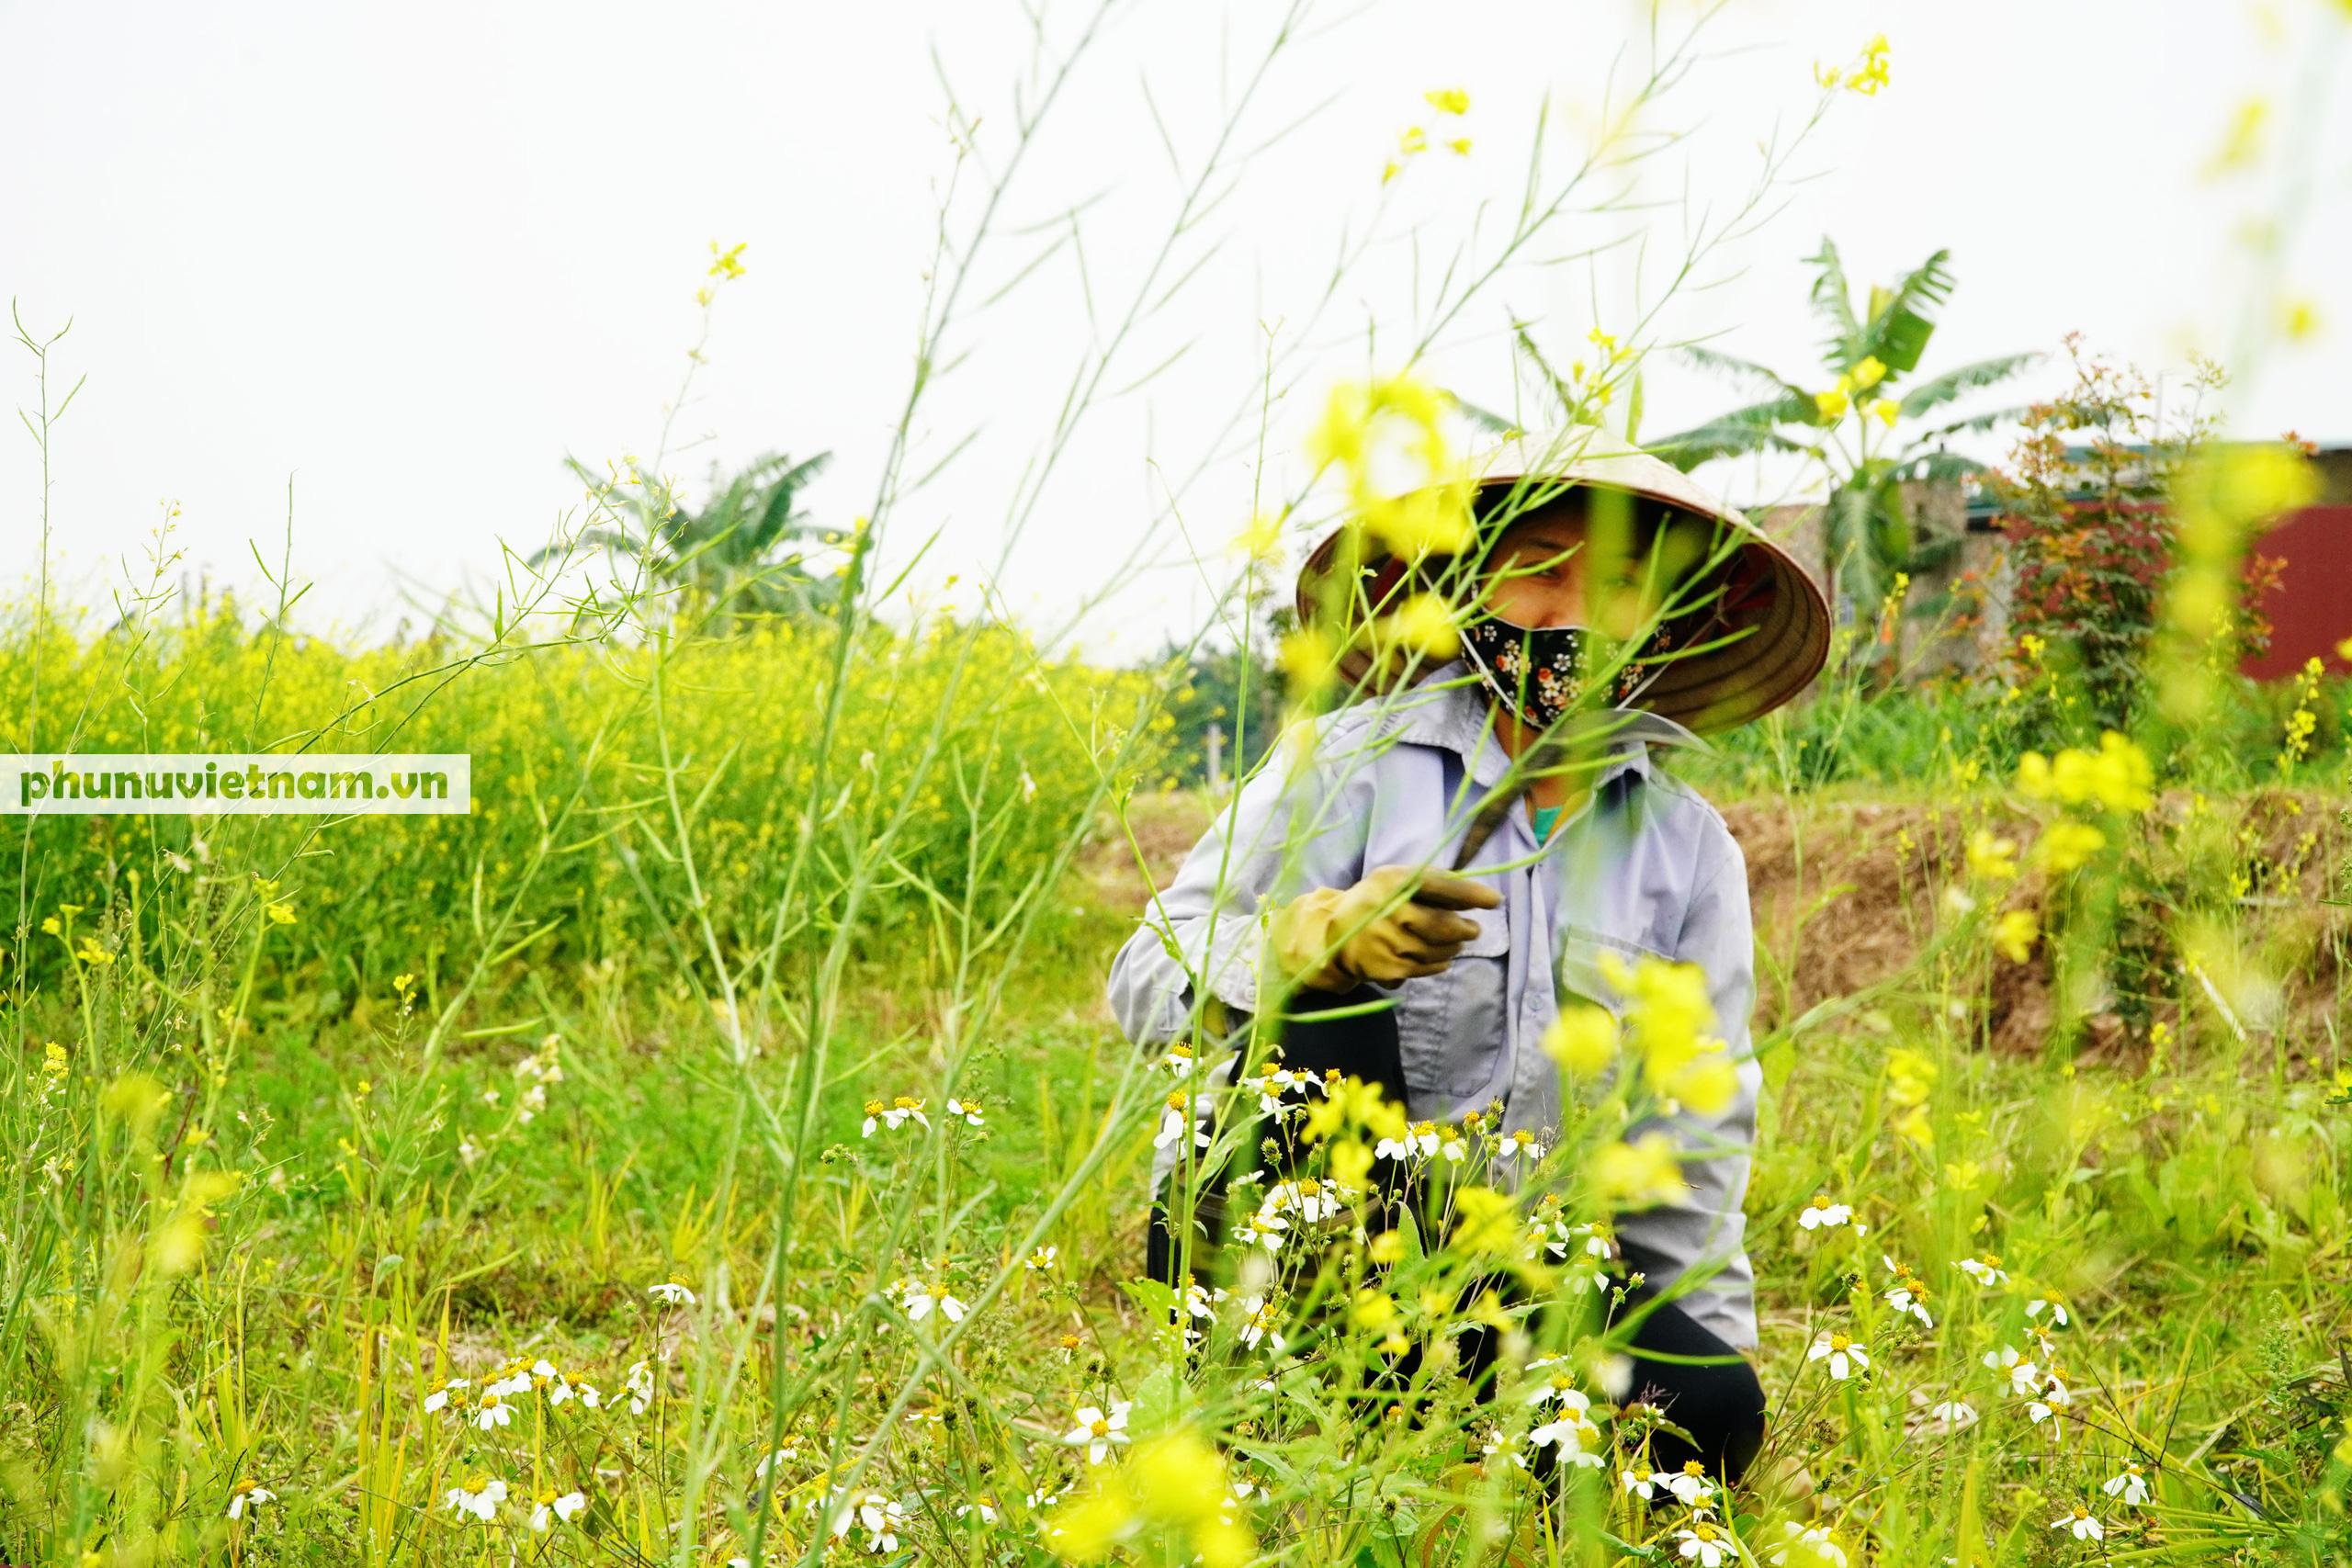 Thiếu nữ áo trắng đẹp hút lòng người trên cánh đồng hoa cải vàng ở Chi Đông - Ảnh 10.